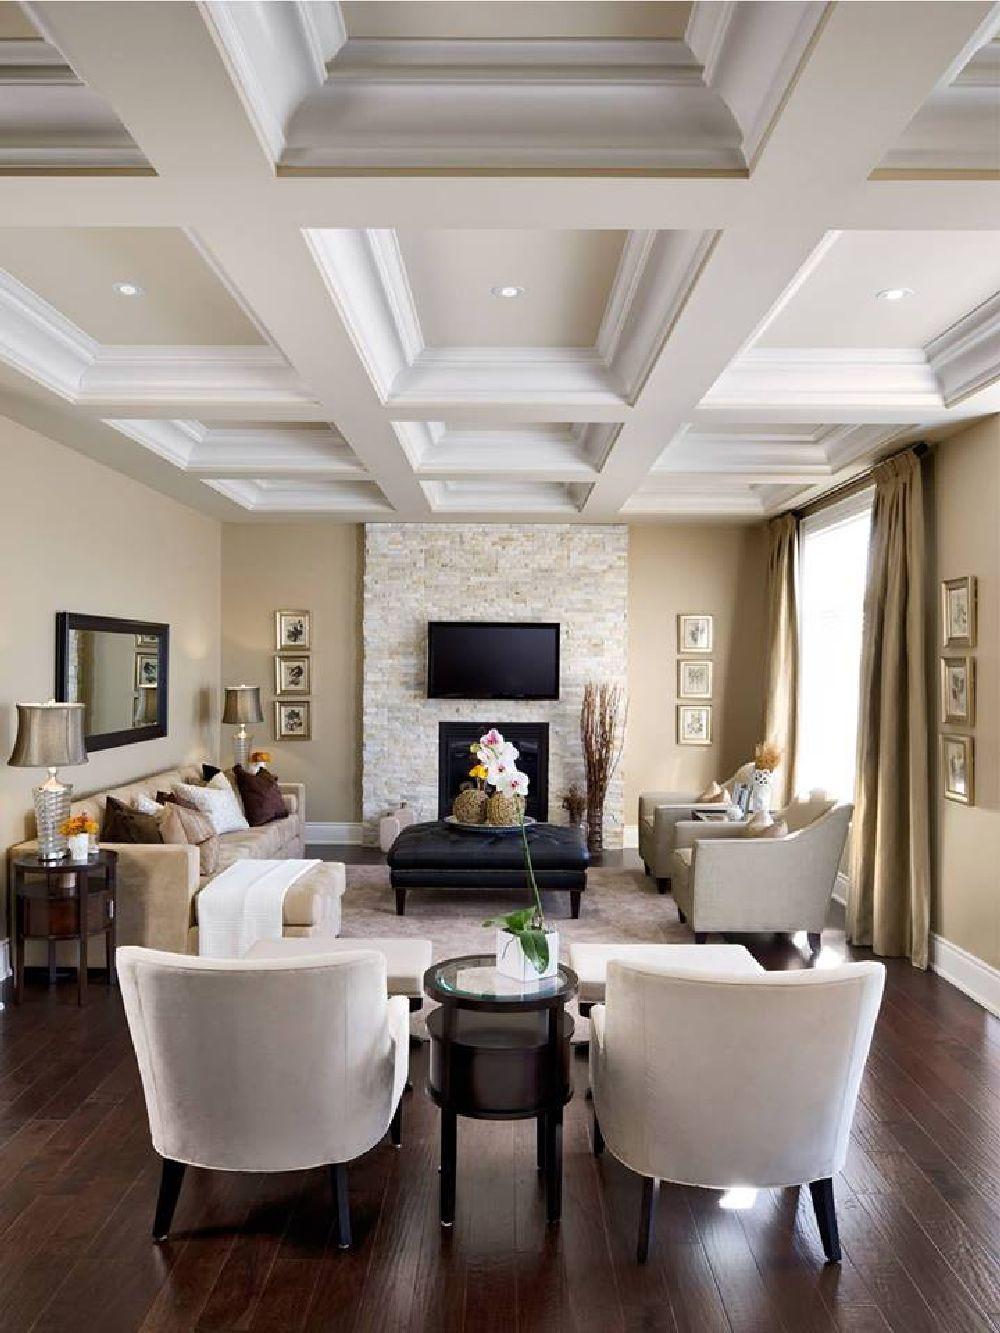 adelaparvu.com despre profile decorative si ornamente pentru fatade si interior, design CoArtCo (2)